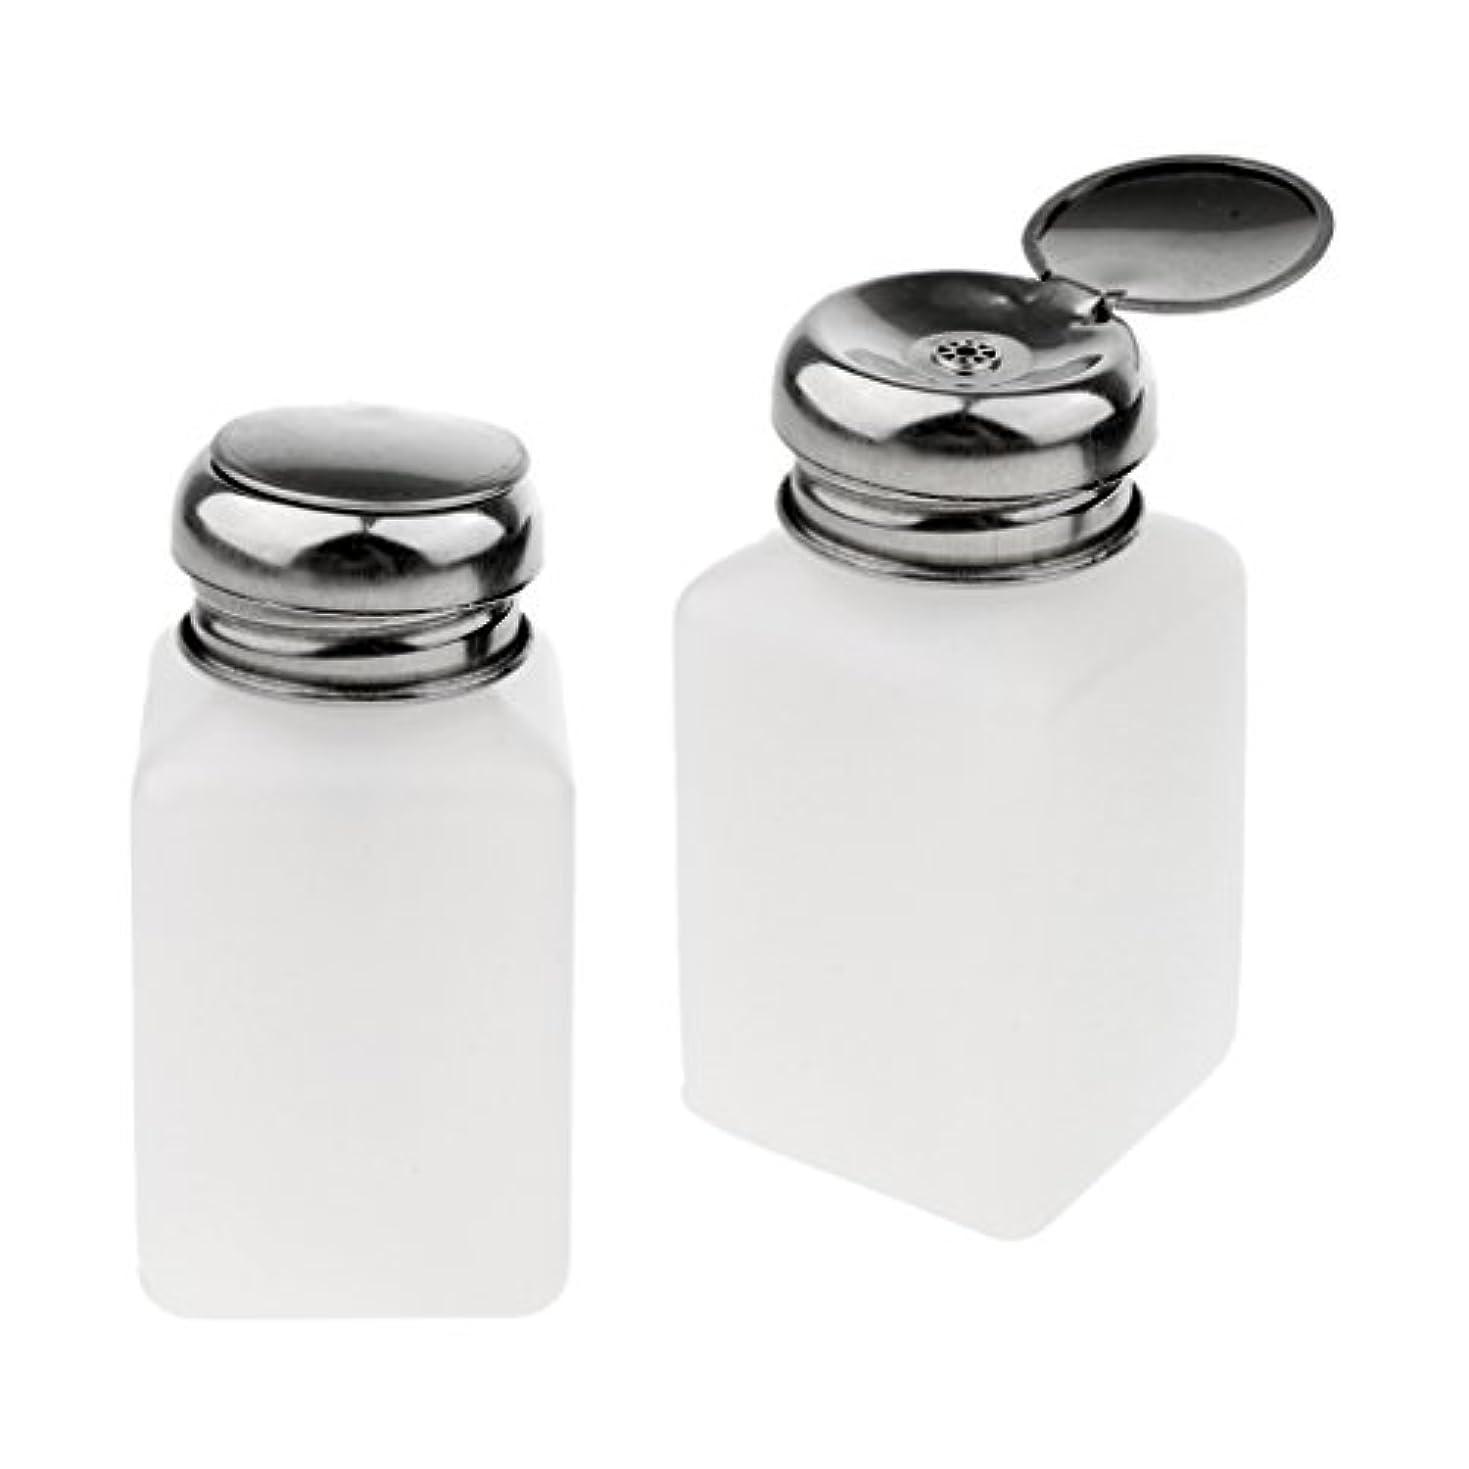 検証メジャービールSM SunniMix 2個 プレスボトル 空ボトル ポンプボトル ロック可能 アルコール 液体 貯蔵 保護 全3サイズ - 200ミリリットル